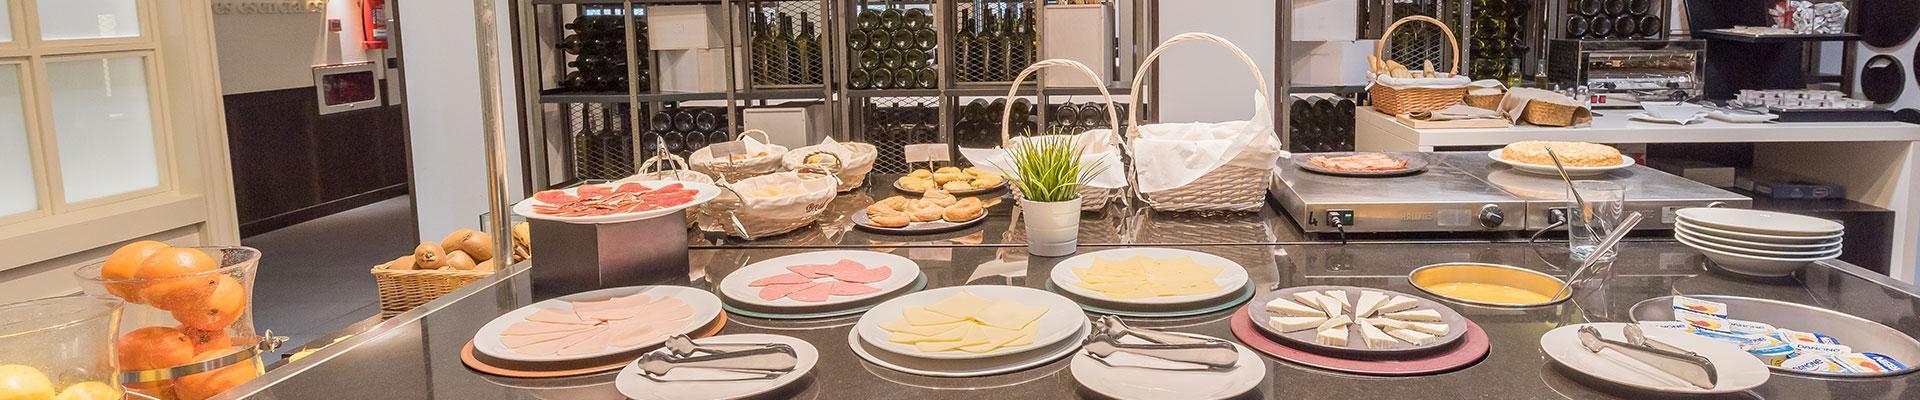 Gastronomique Hôtel Oriente